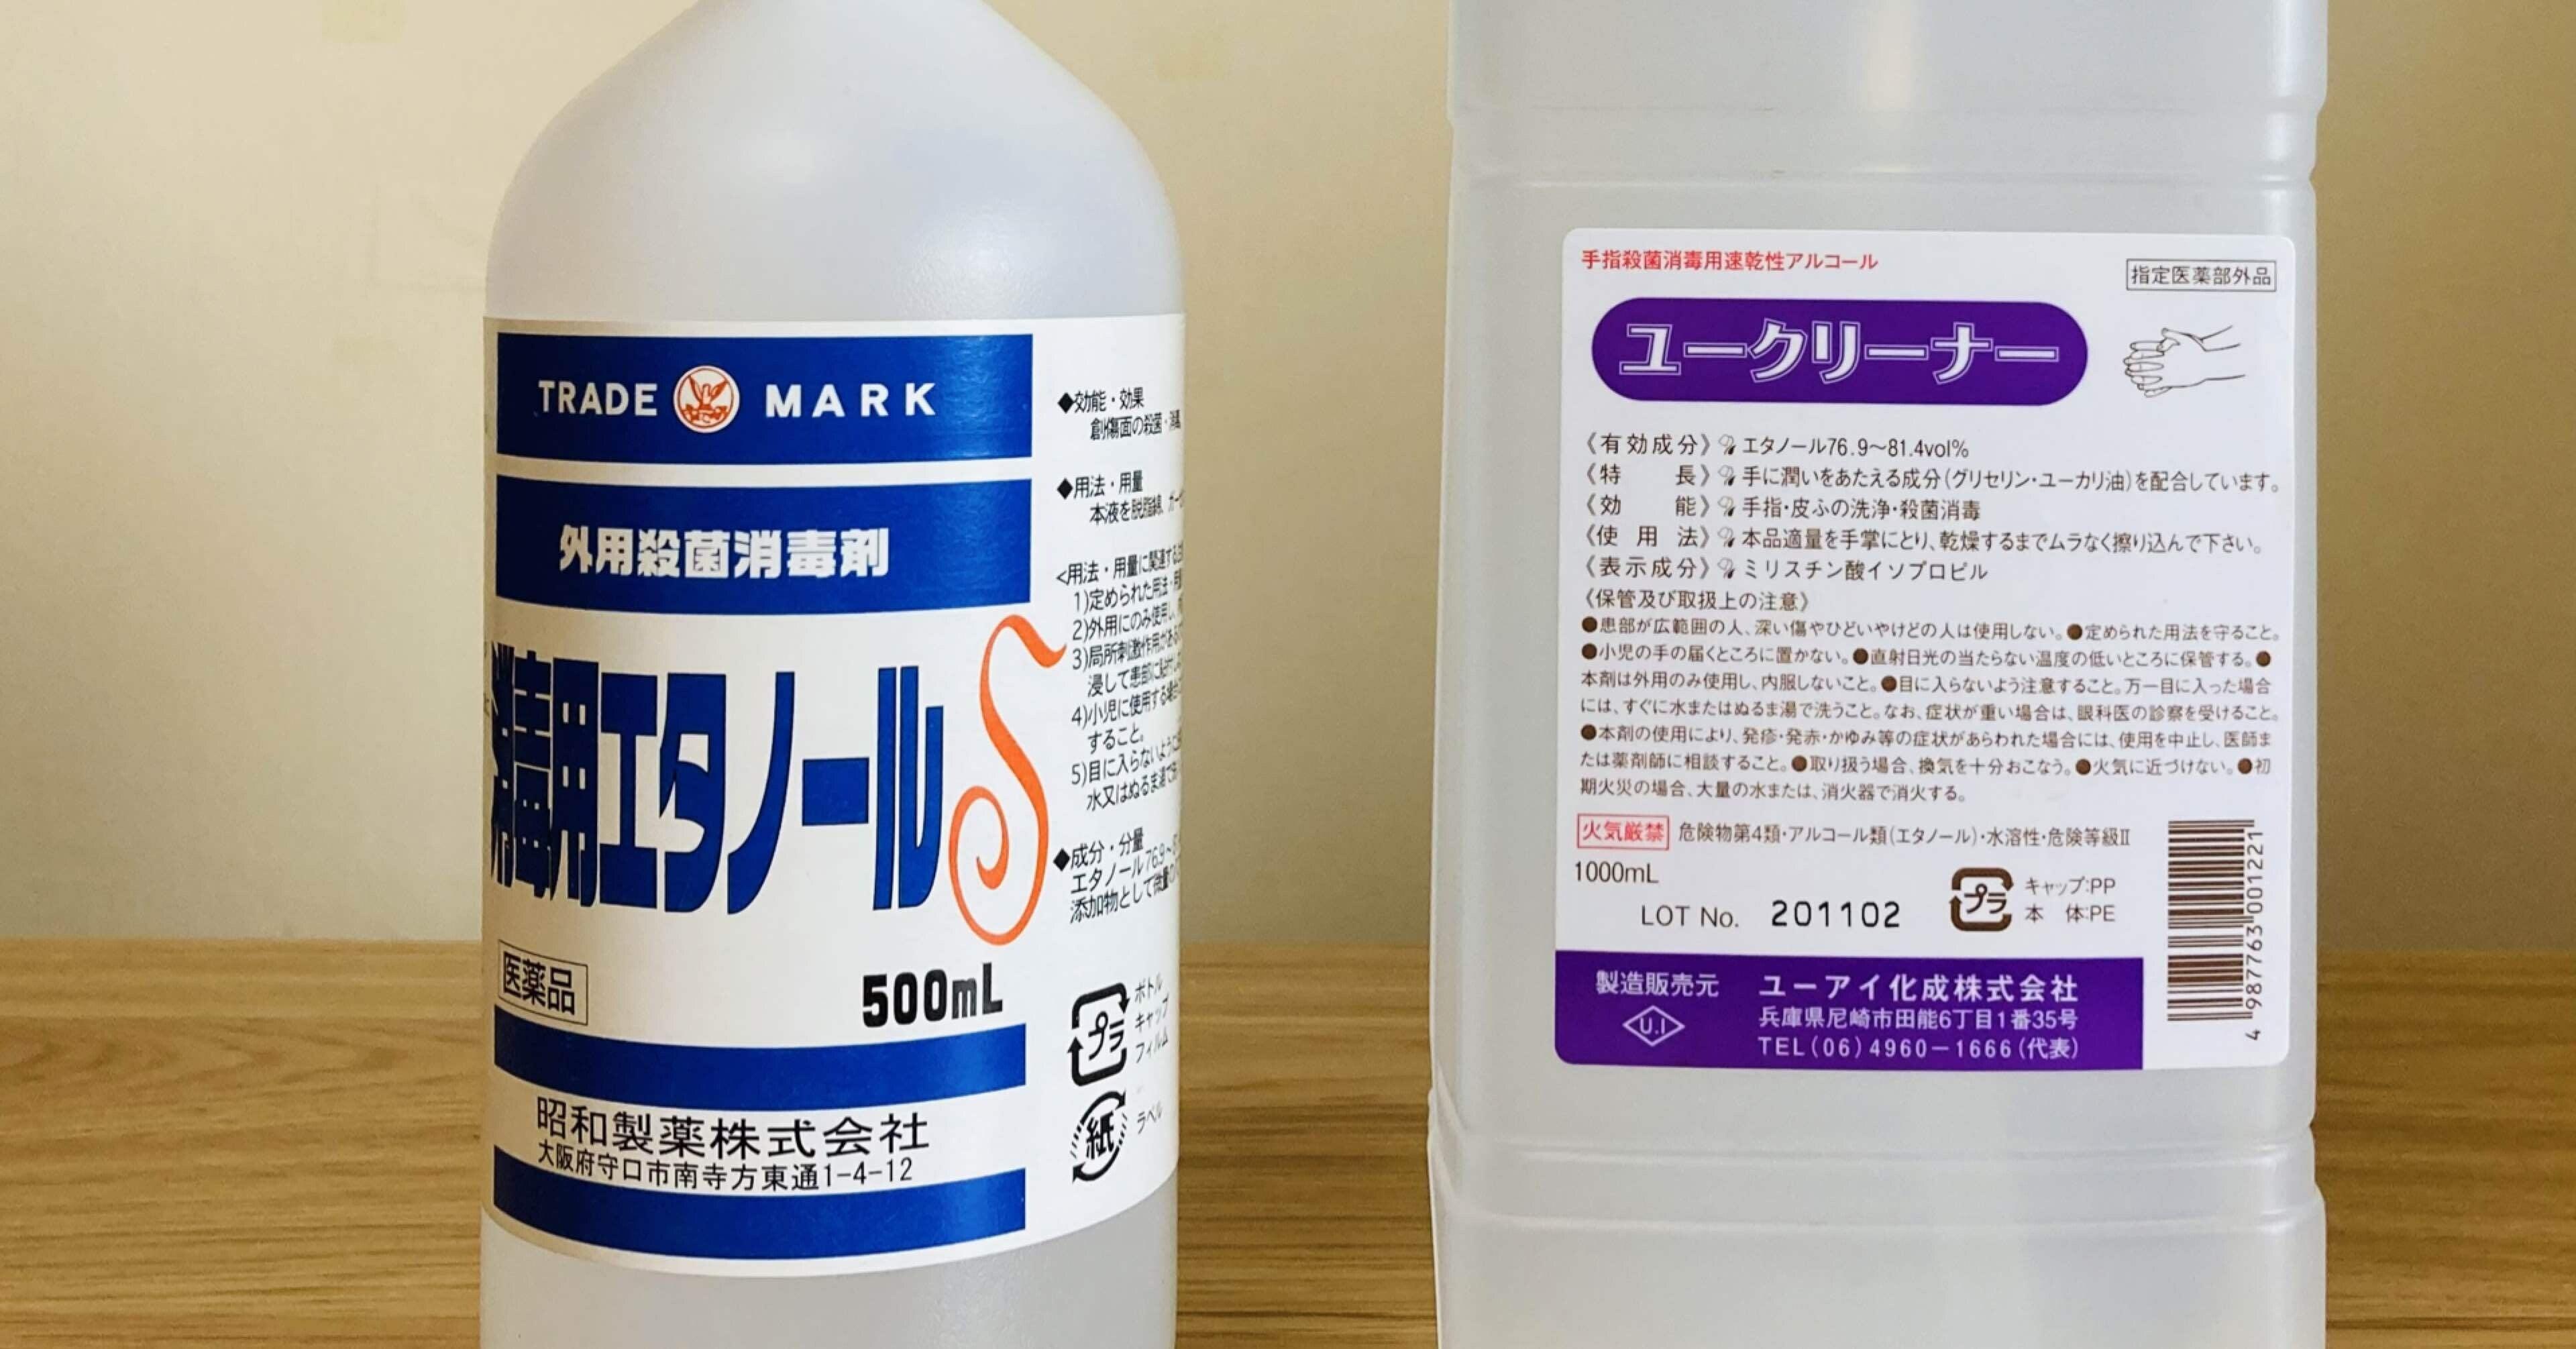 無水 エタノール 使用 期限